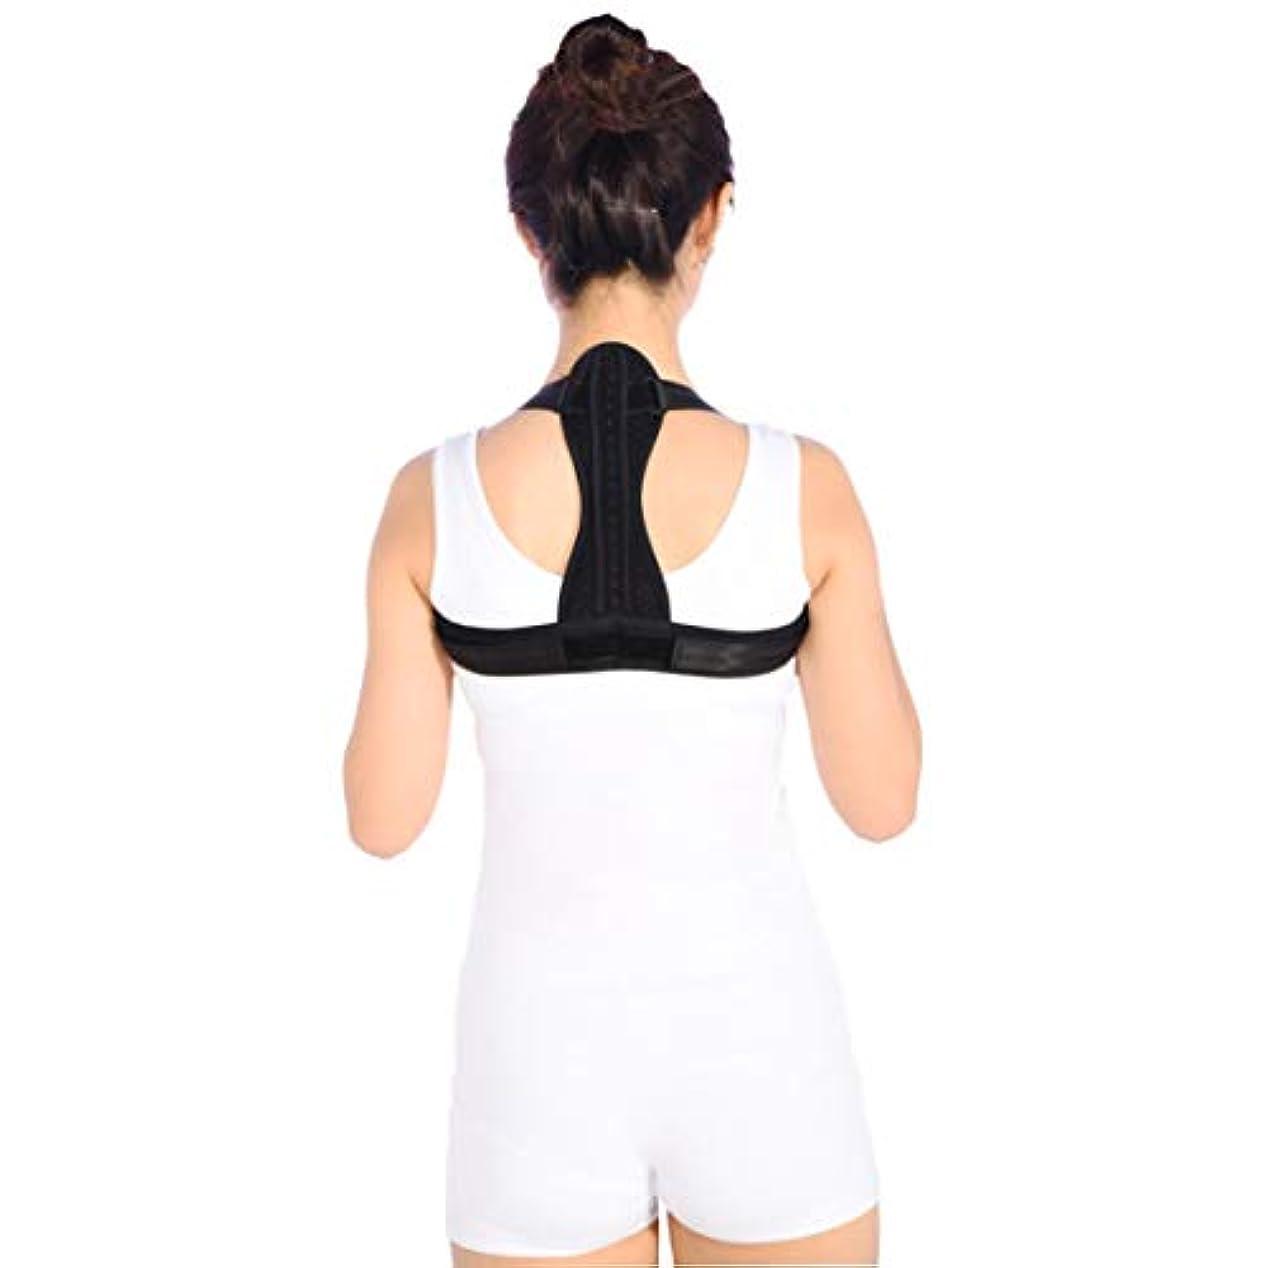 衝動が欲しいラベンダー通気性の脊柱側弯症ザトウクジラ補正ベルト調節可能な快適さ目に見えないベルト男性女性大人学生子供 - 黒